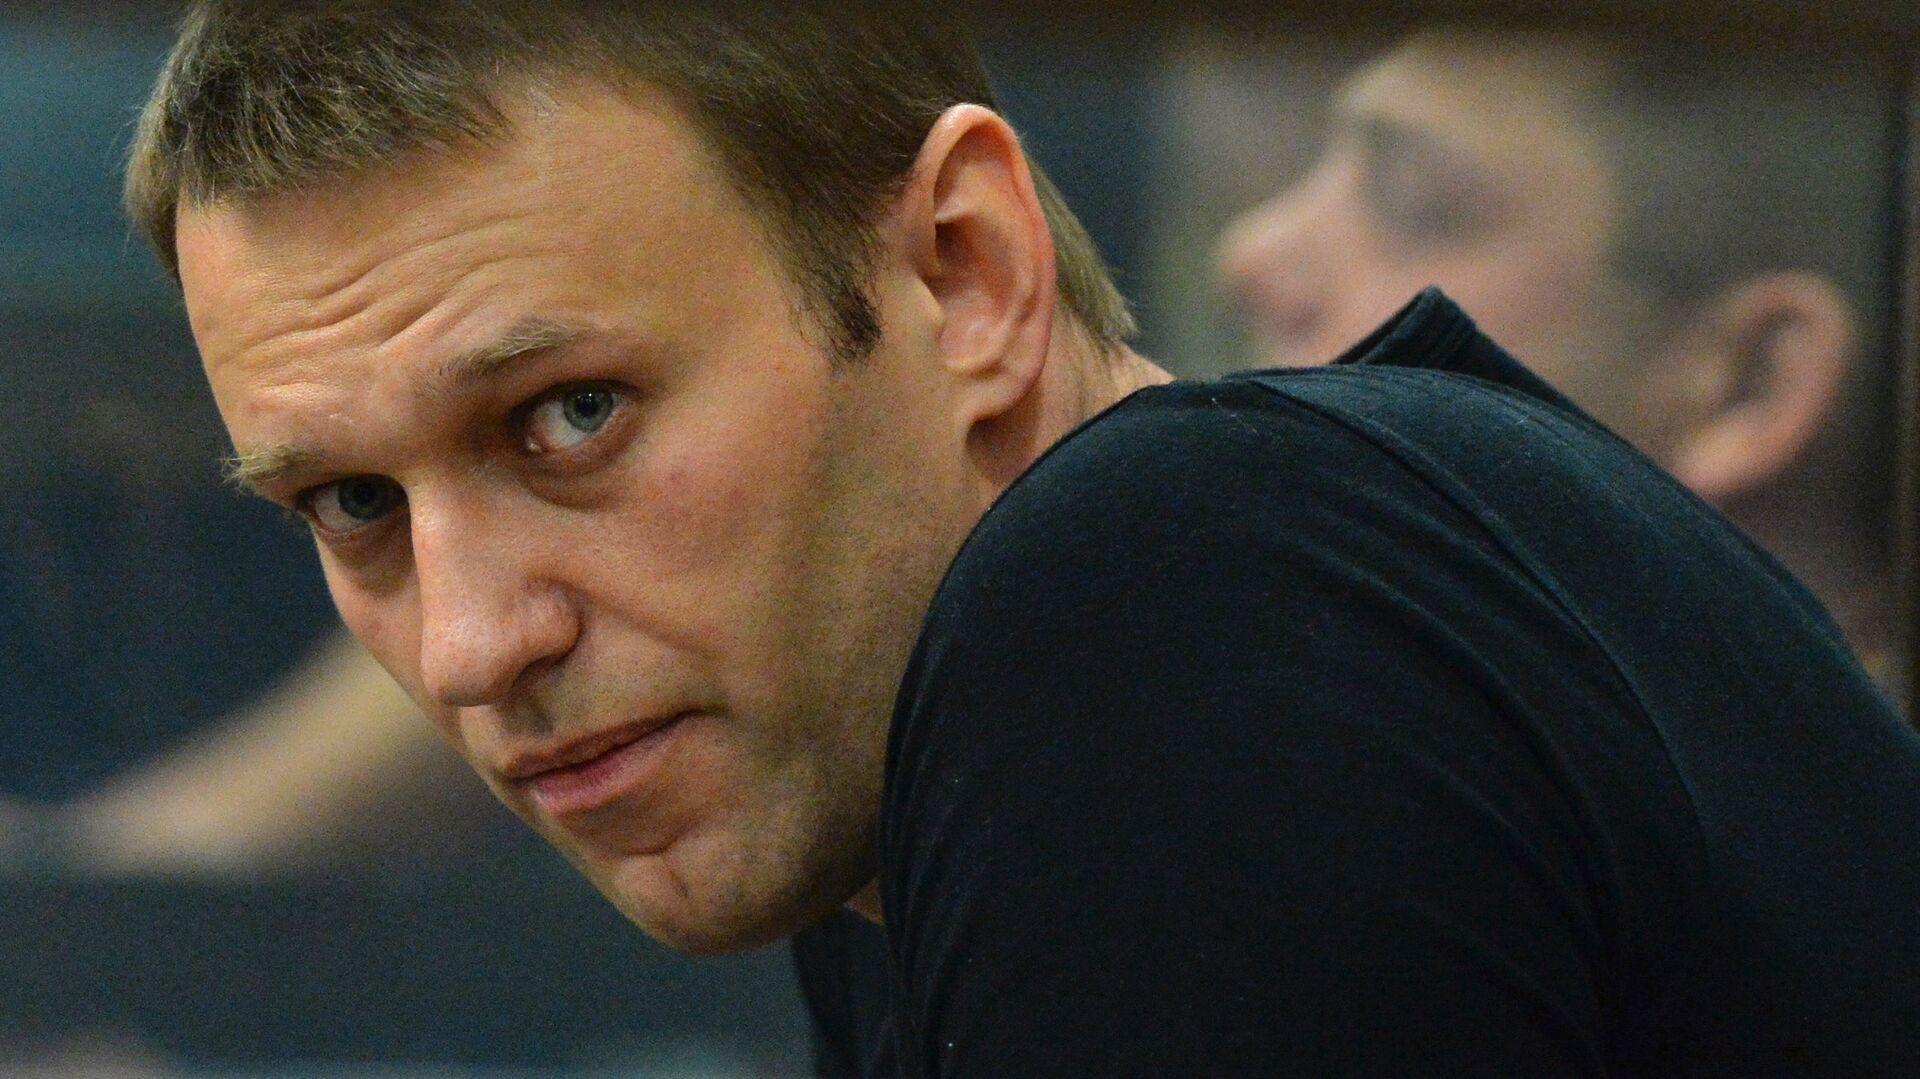 Алексей Навальный на заседании суда об изменении меры пресечения. 19 июля 2013 - РИА Новости, 1920, 16.10.2020